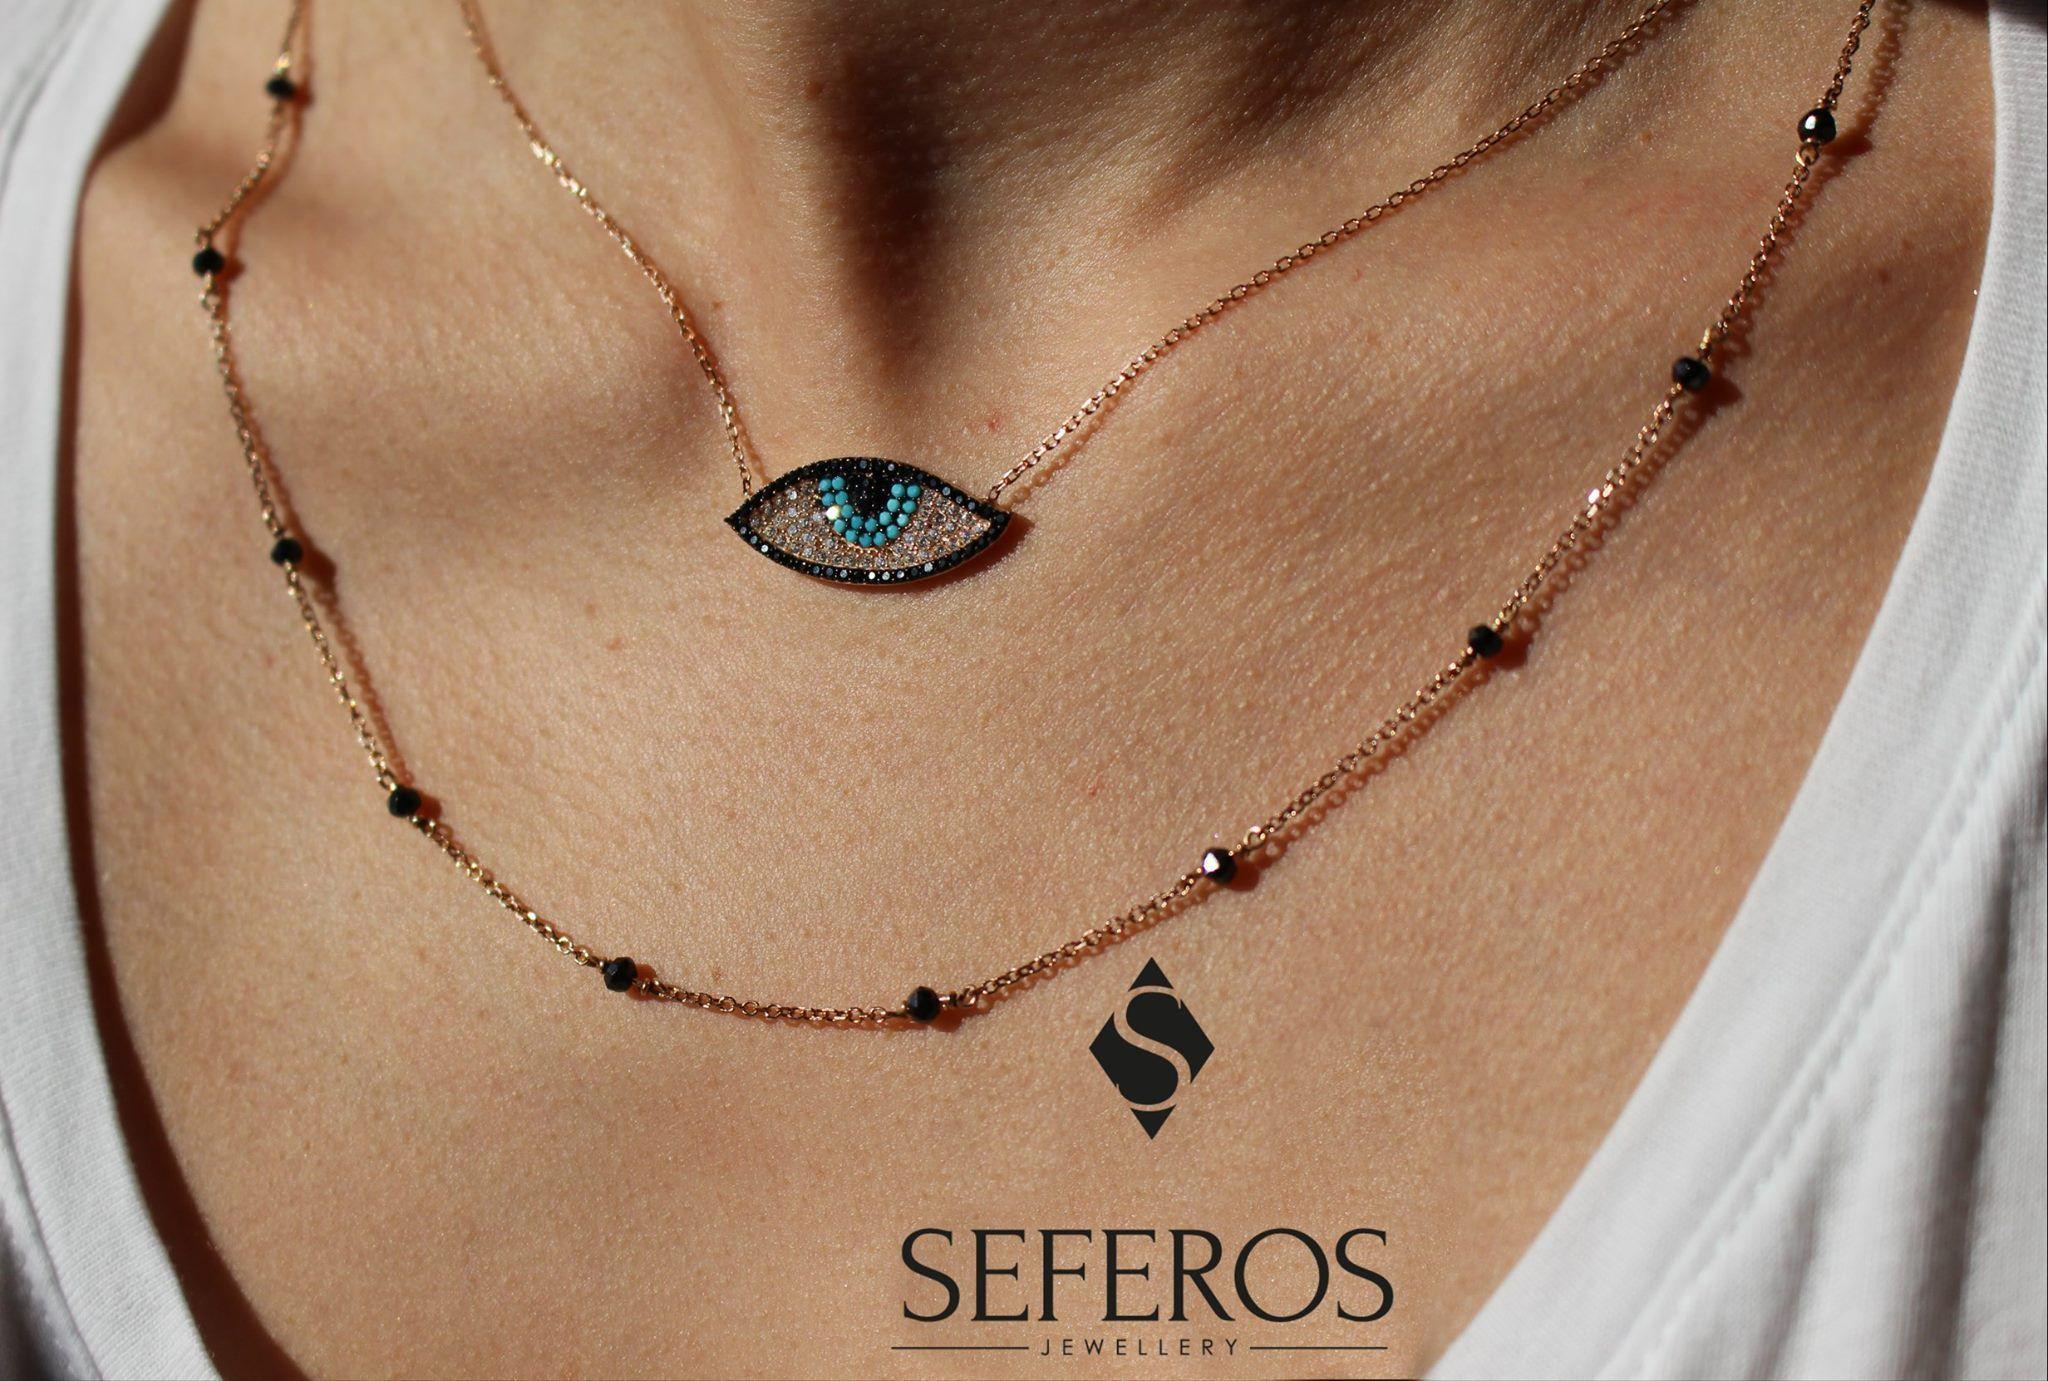 Ροζ χρυσό ροζάριο - Seferos 9f0bccd853d